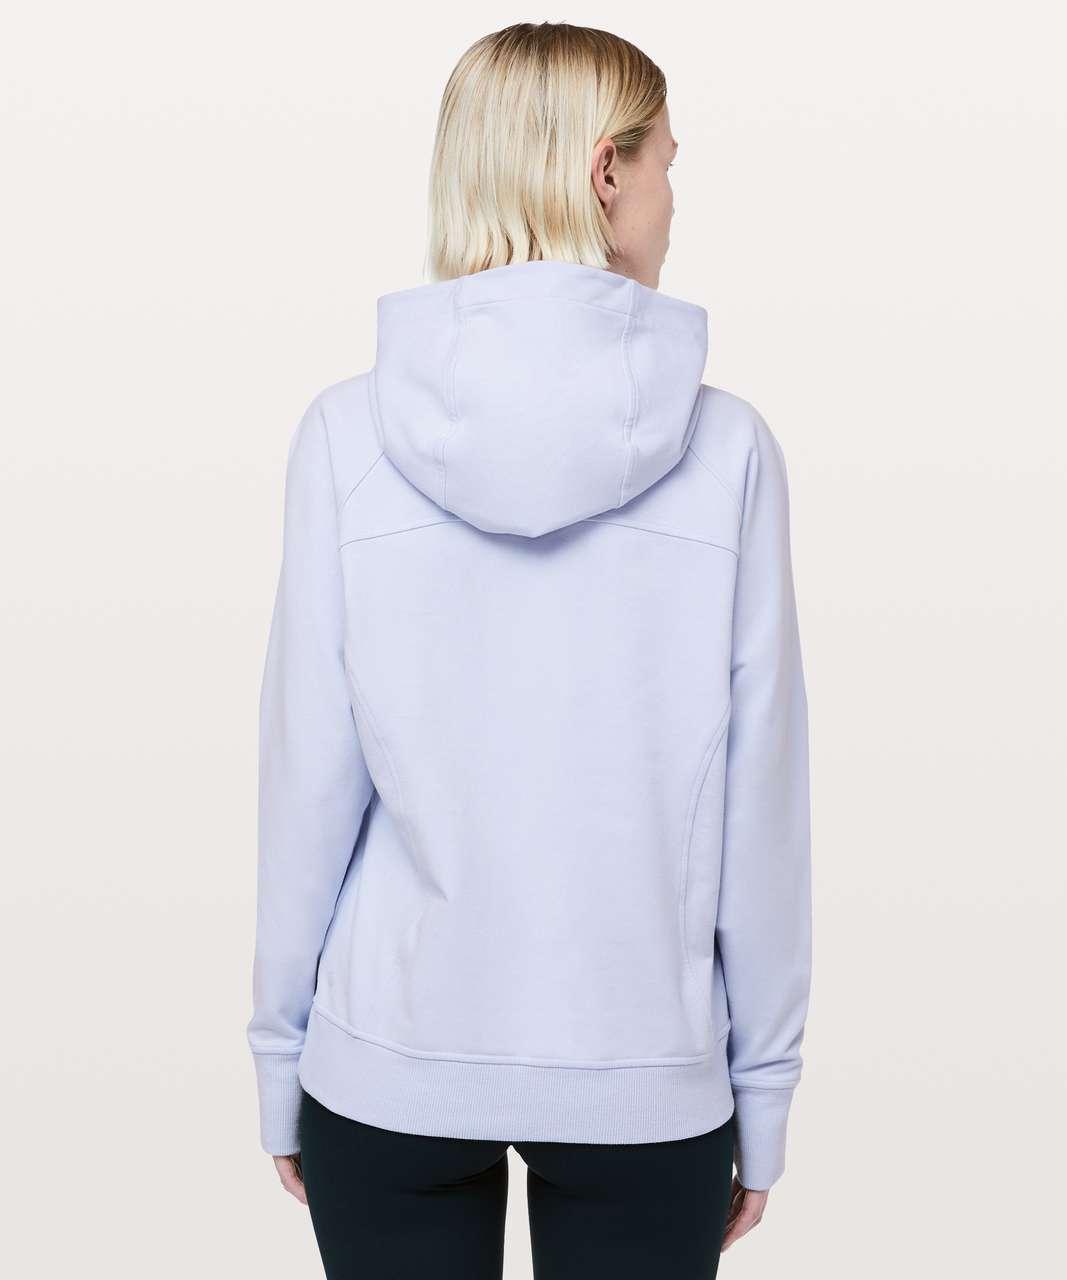 Lululemon Scuba Pullover - Serene Blue